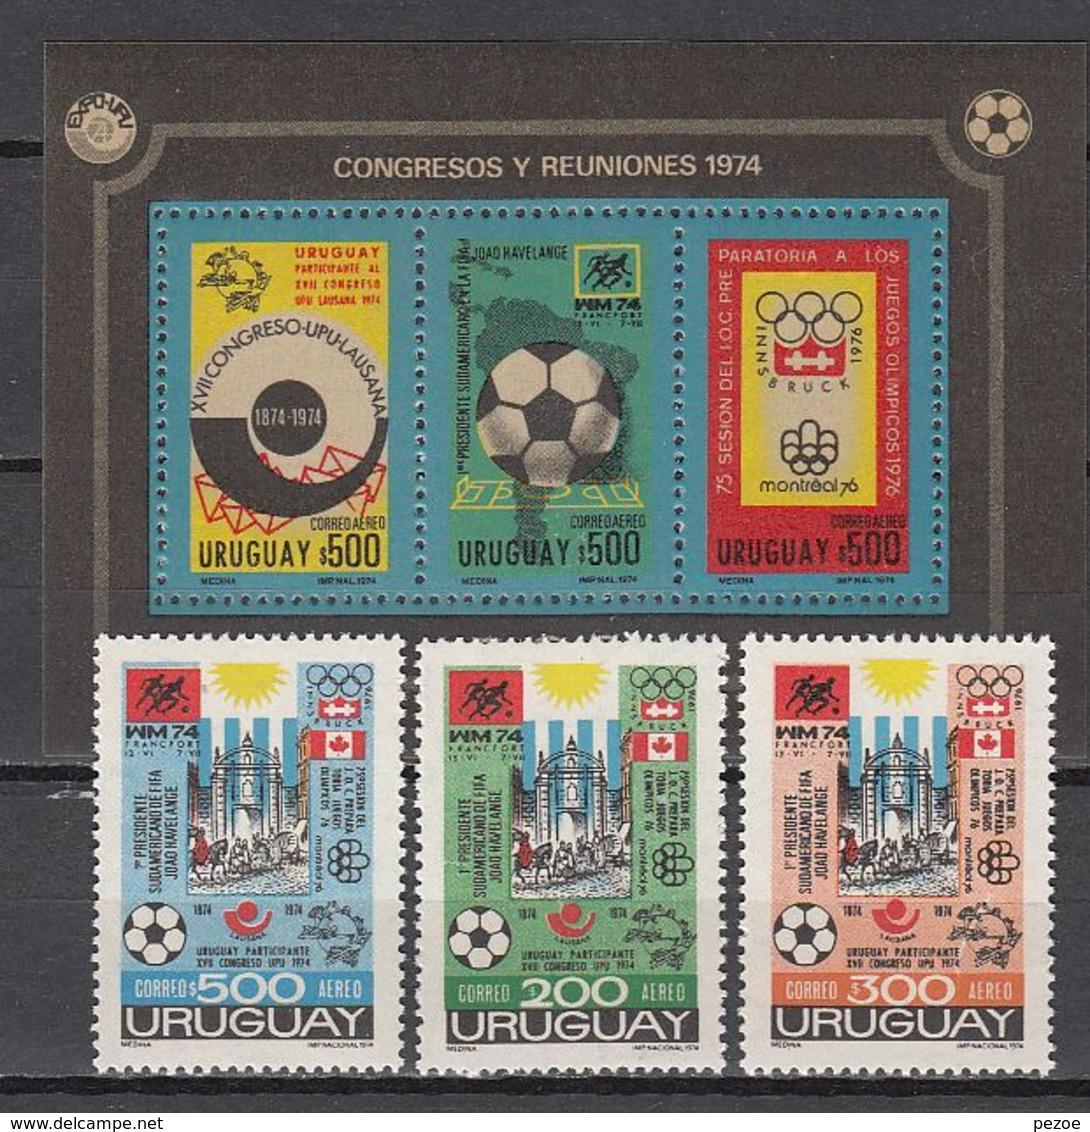 Football / Soccer / Fussball - WM 1974: Uruguay  3 W + Bl ** - Fußball-Weltmeisterschaft